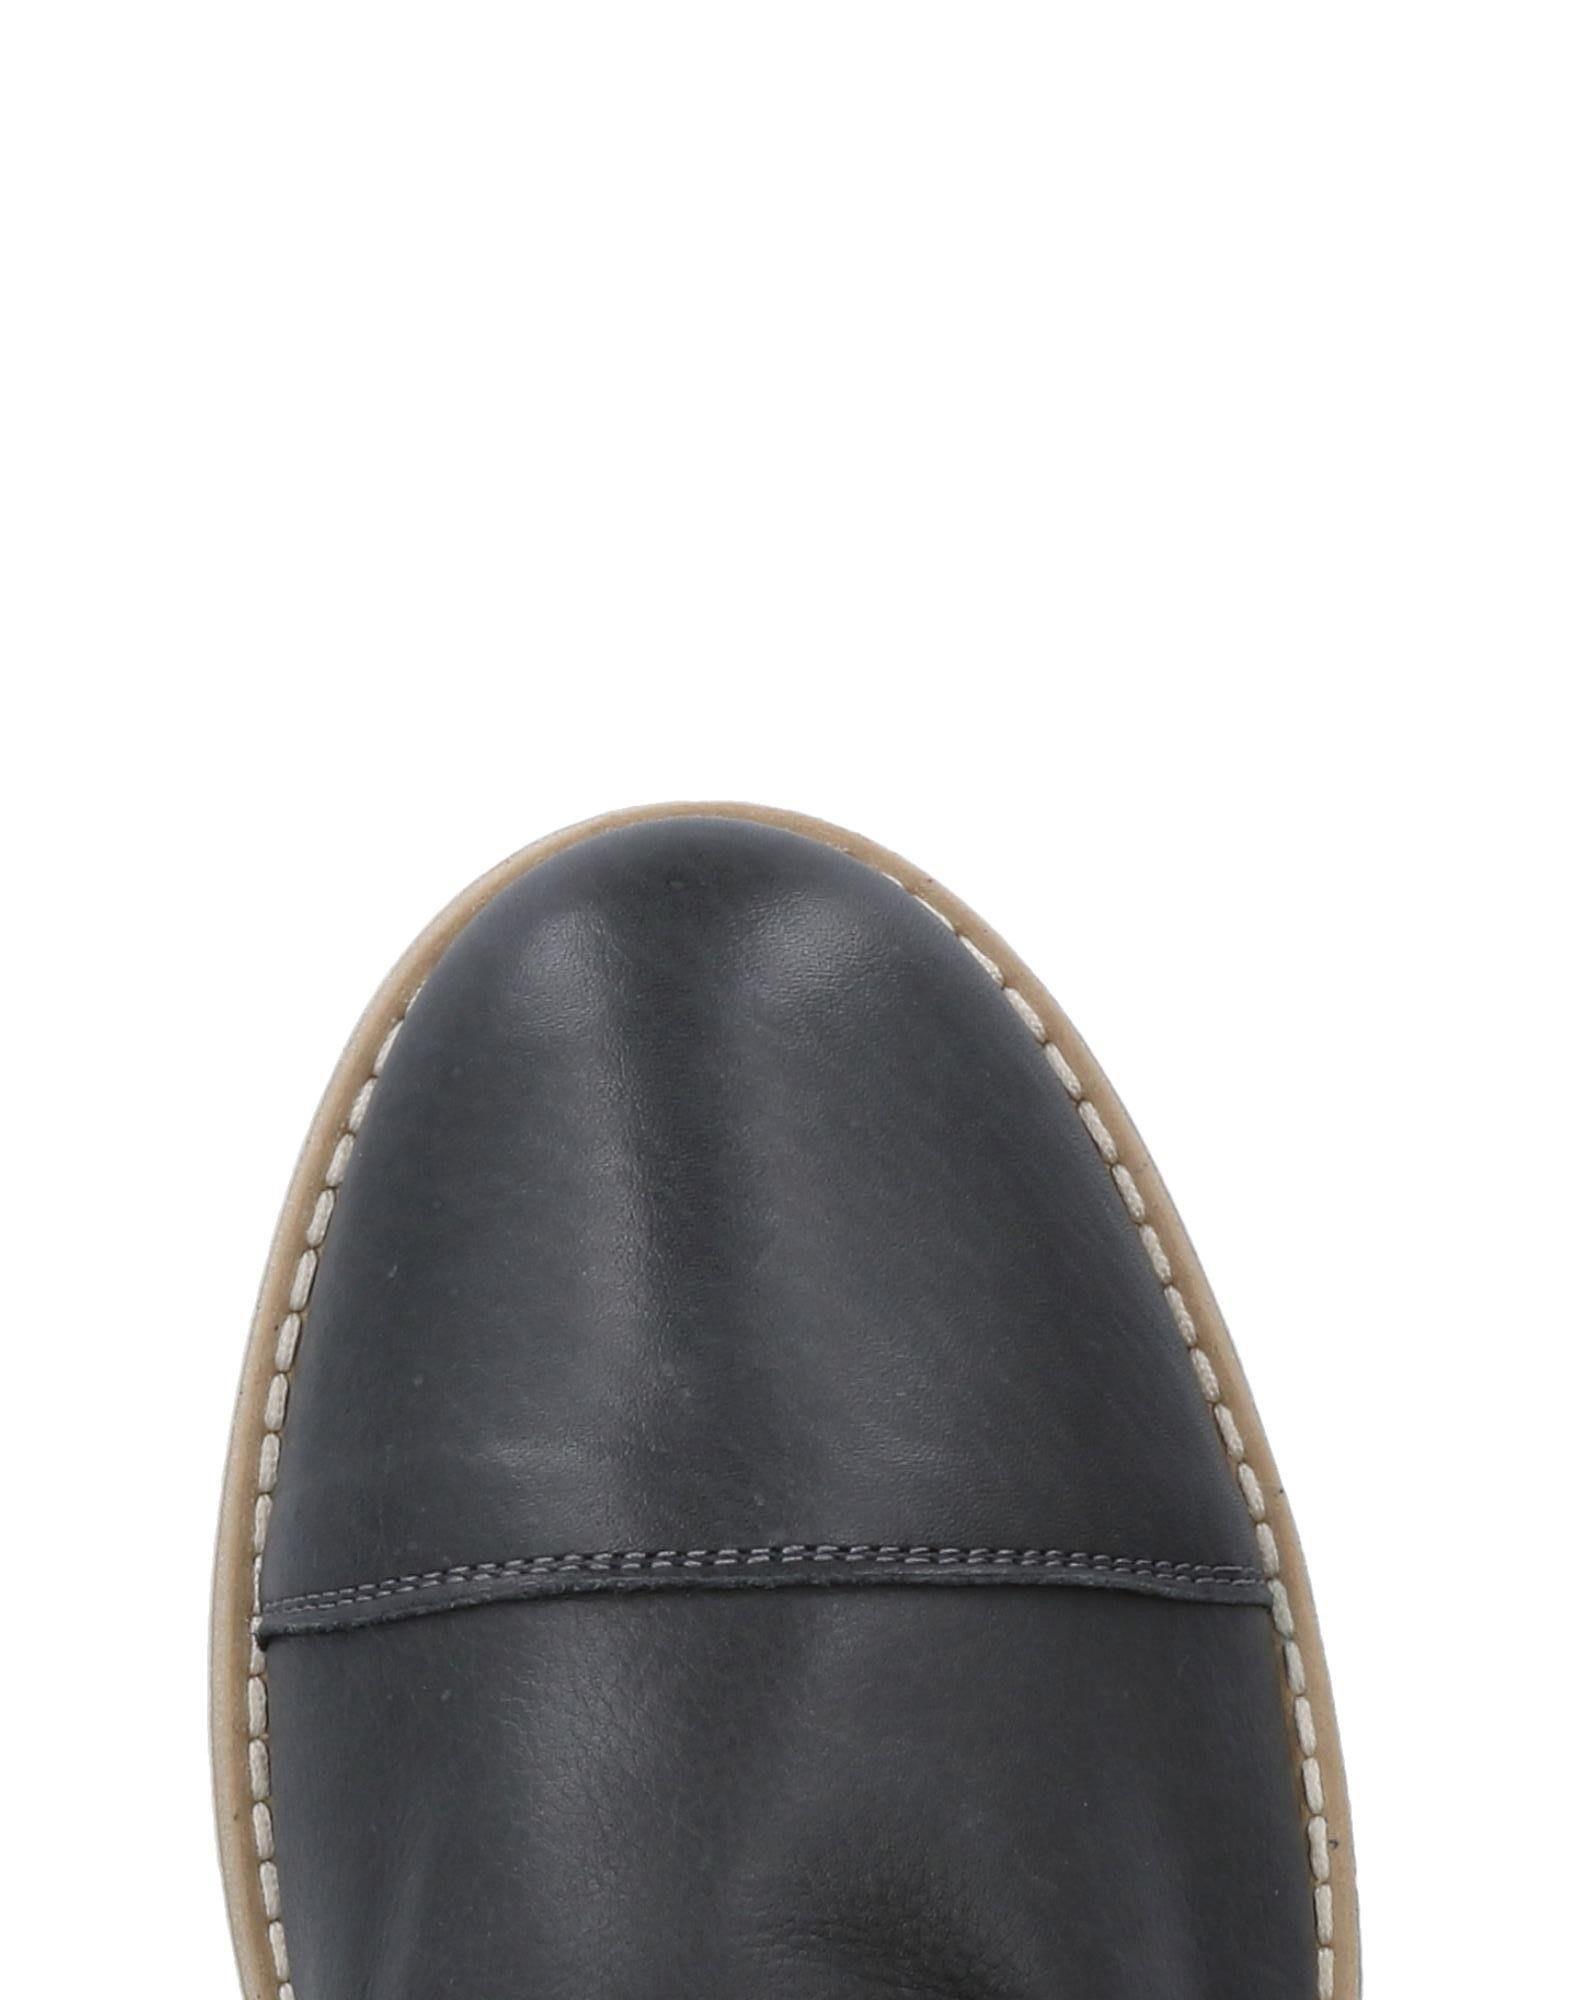 Rabatt echte Schuhe Tsd12 Herren Schnürschuhe Herren Tsd12 11504290BC 29290b